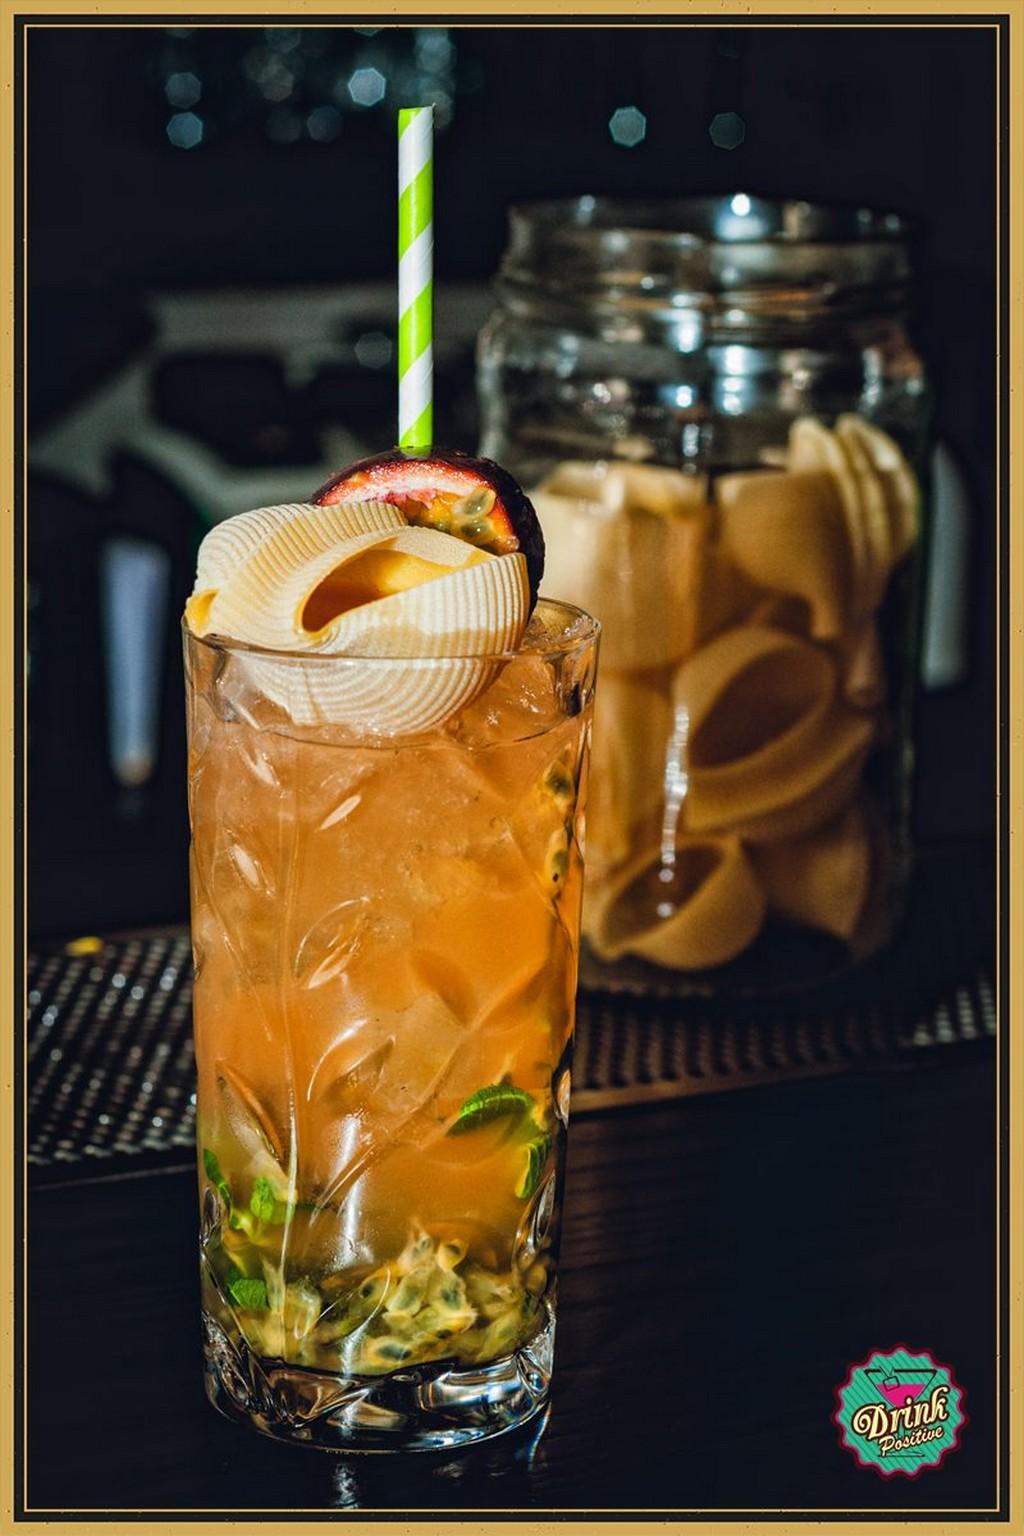 fabio_camboni_Gaeta_Drink_Positive_consulenze__apertura_locali_corsi_barman_119